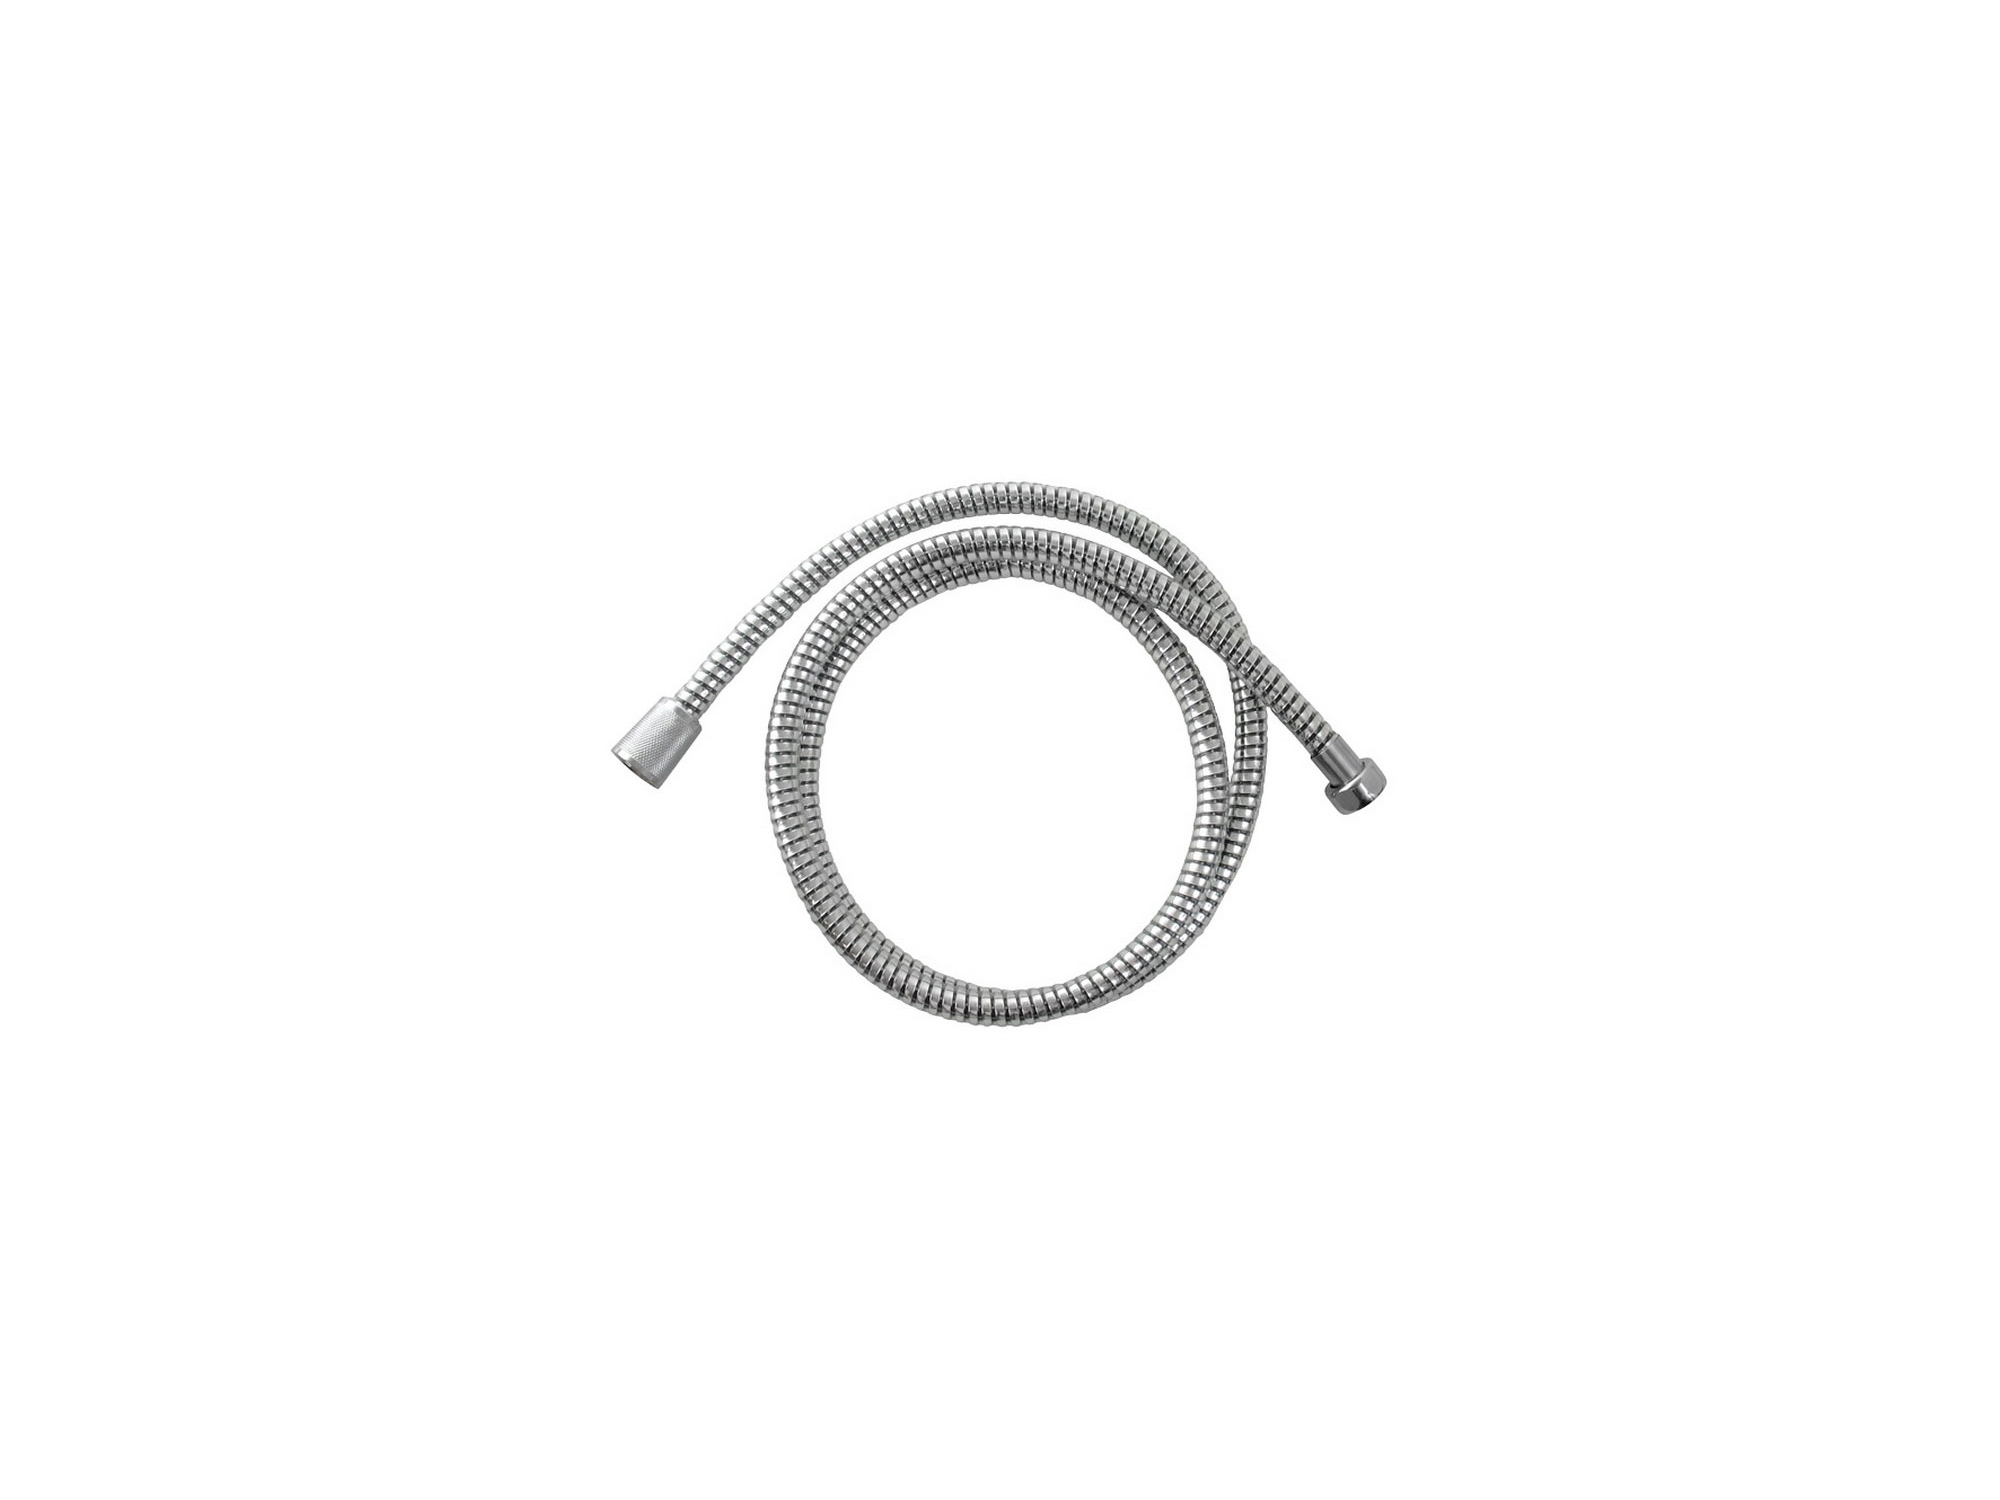 hadice sprchová, černo/stříbrná, 150cm, rotační, PVC, VIKING 630229